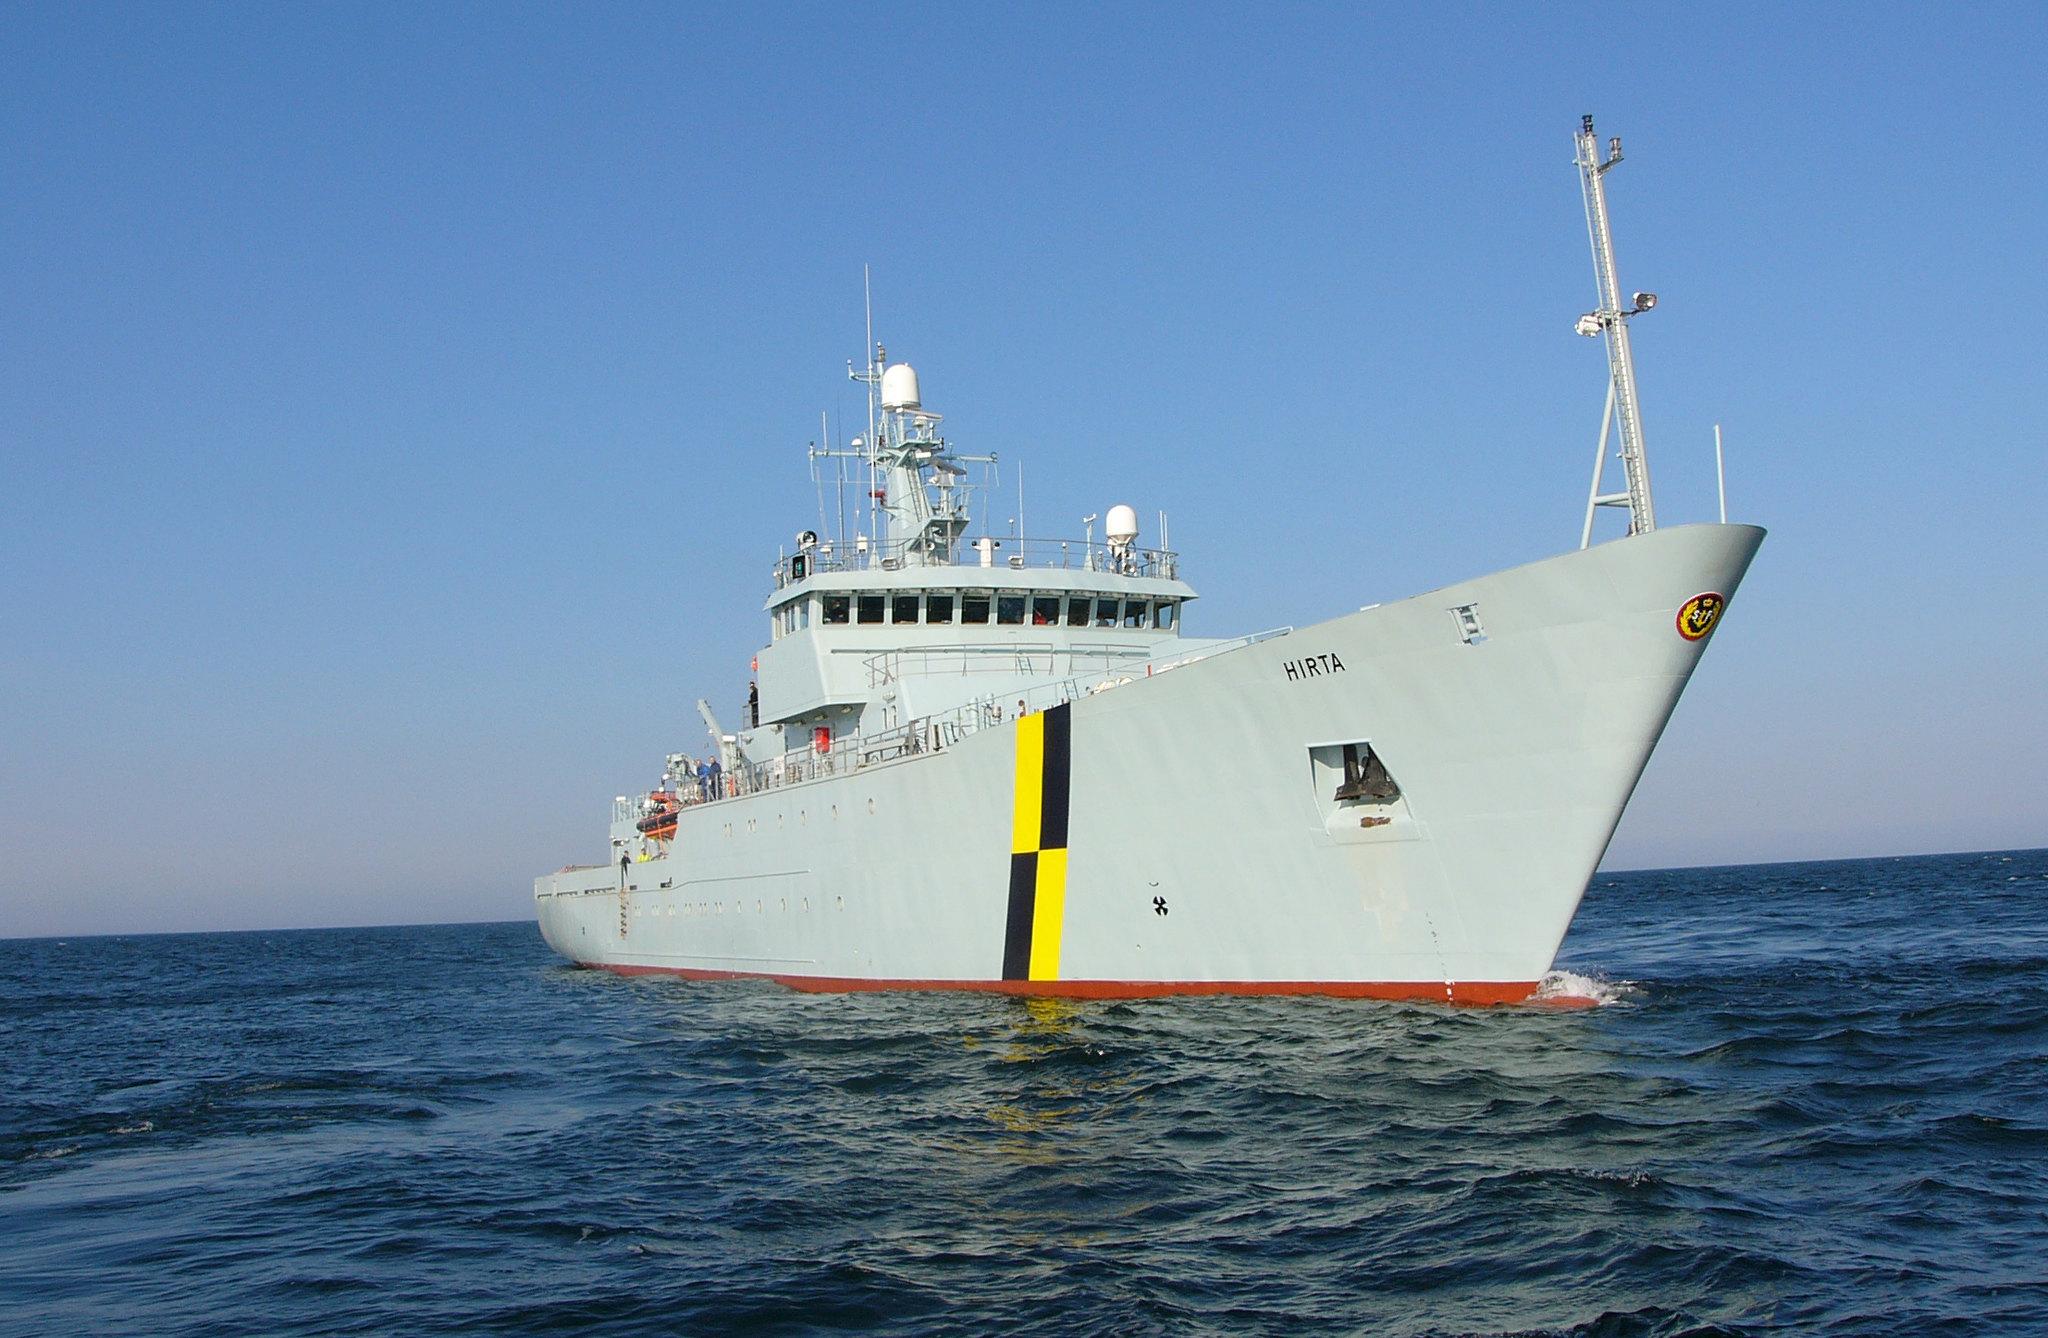 Marine Scotland fishing